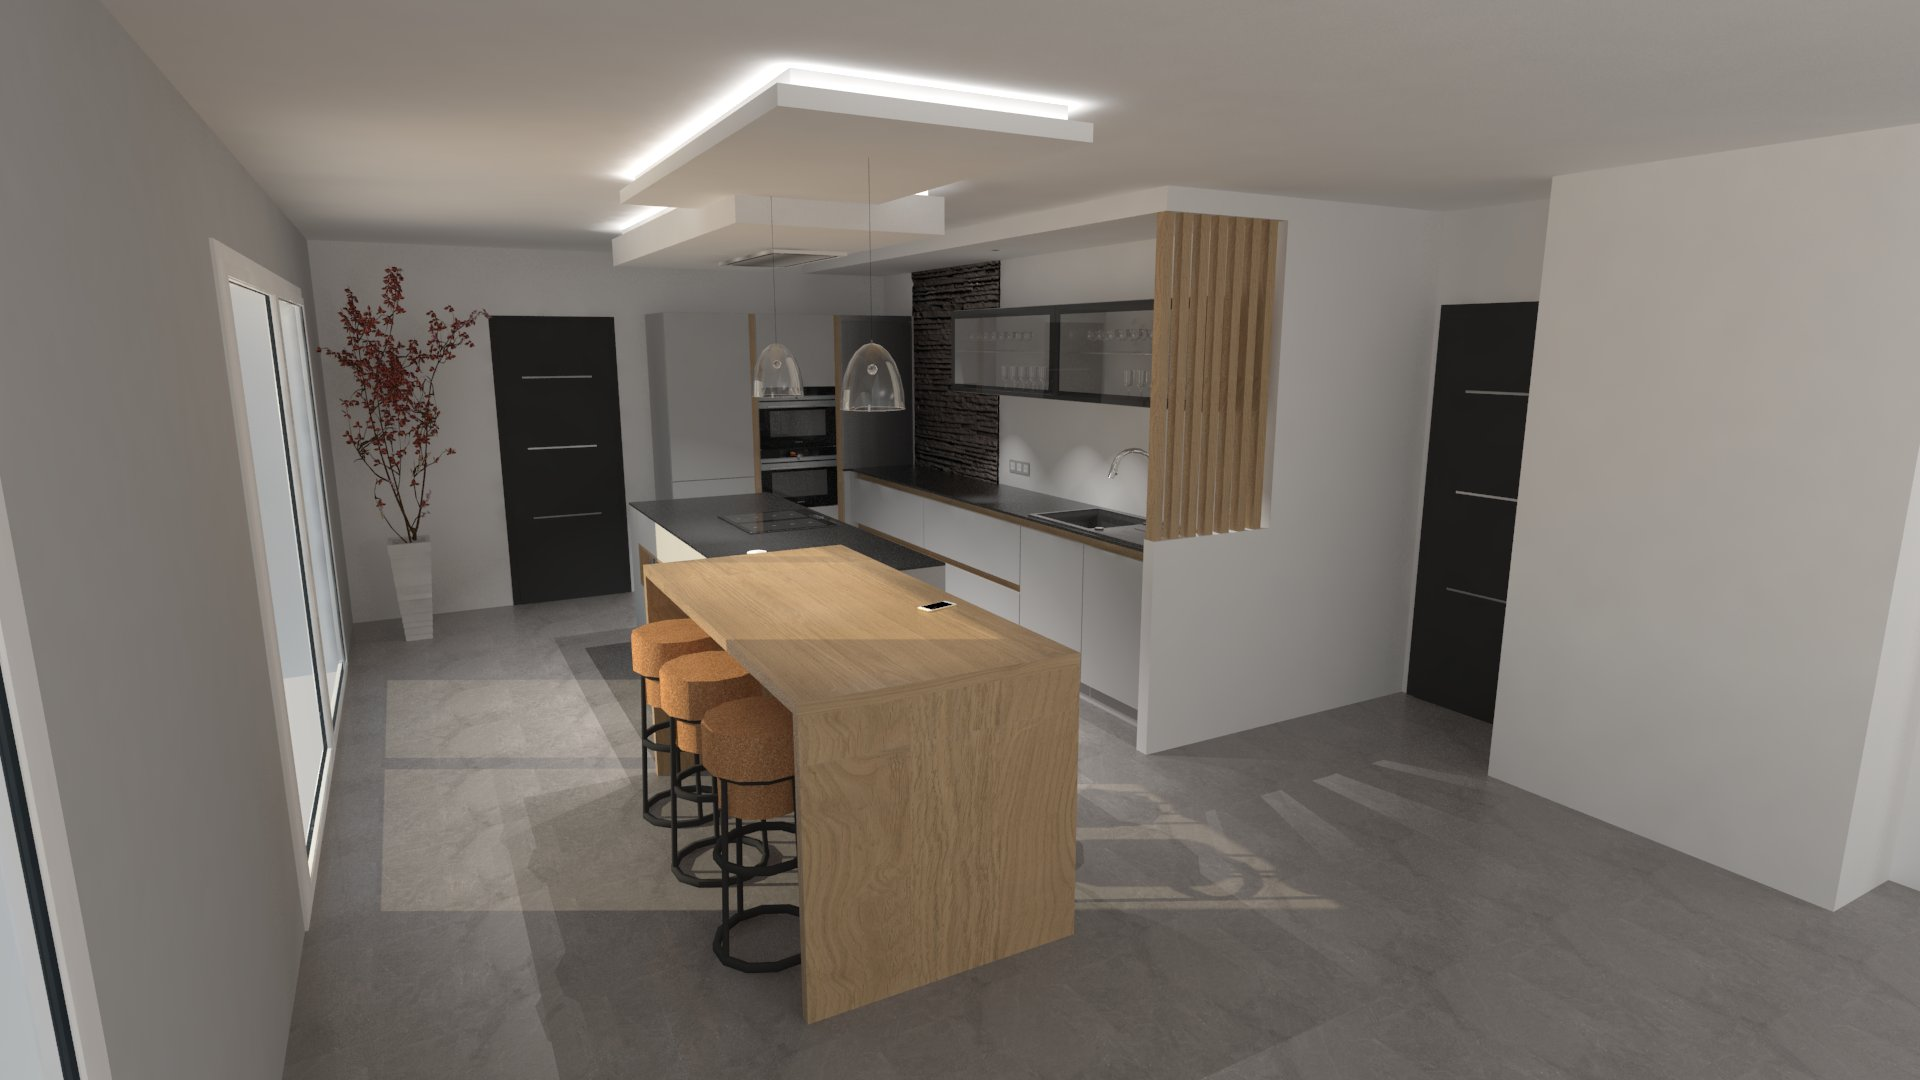 cuisine design gris clair et bois avec grand 238lot et